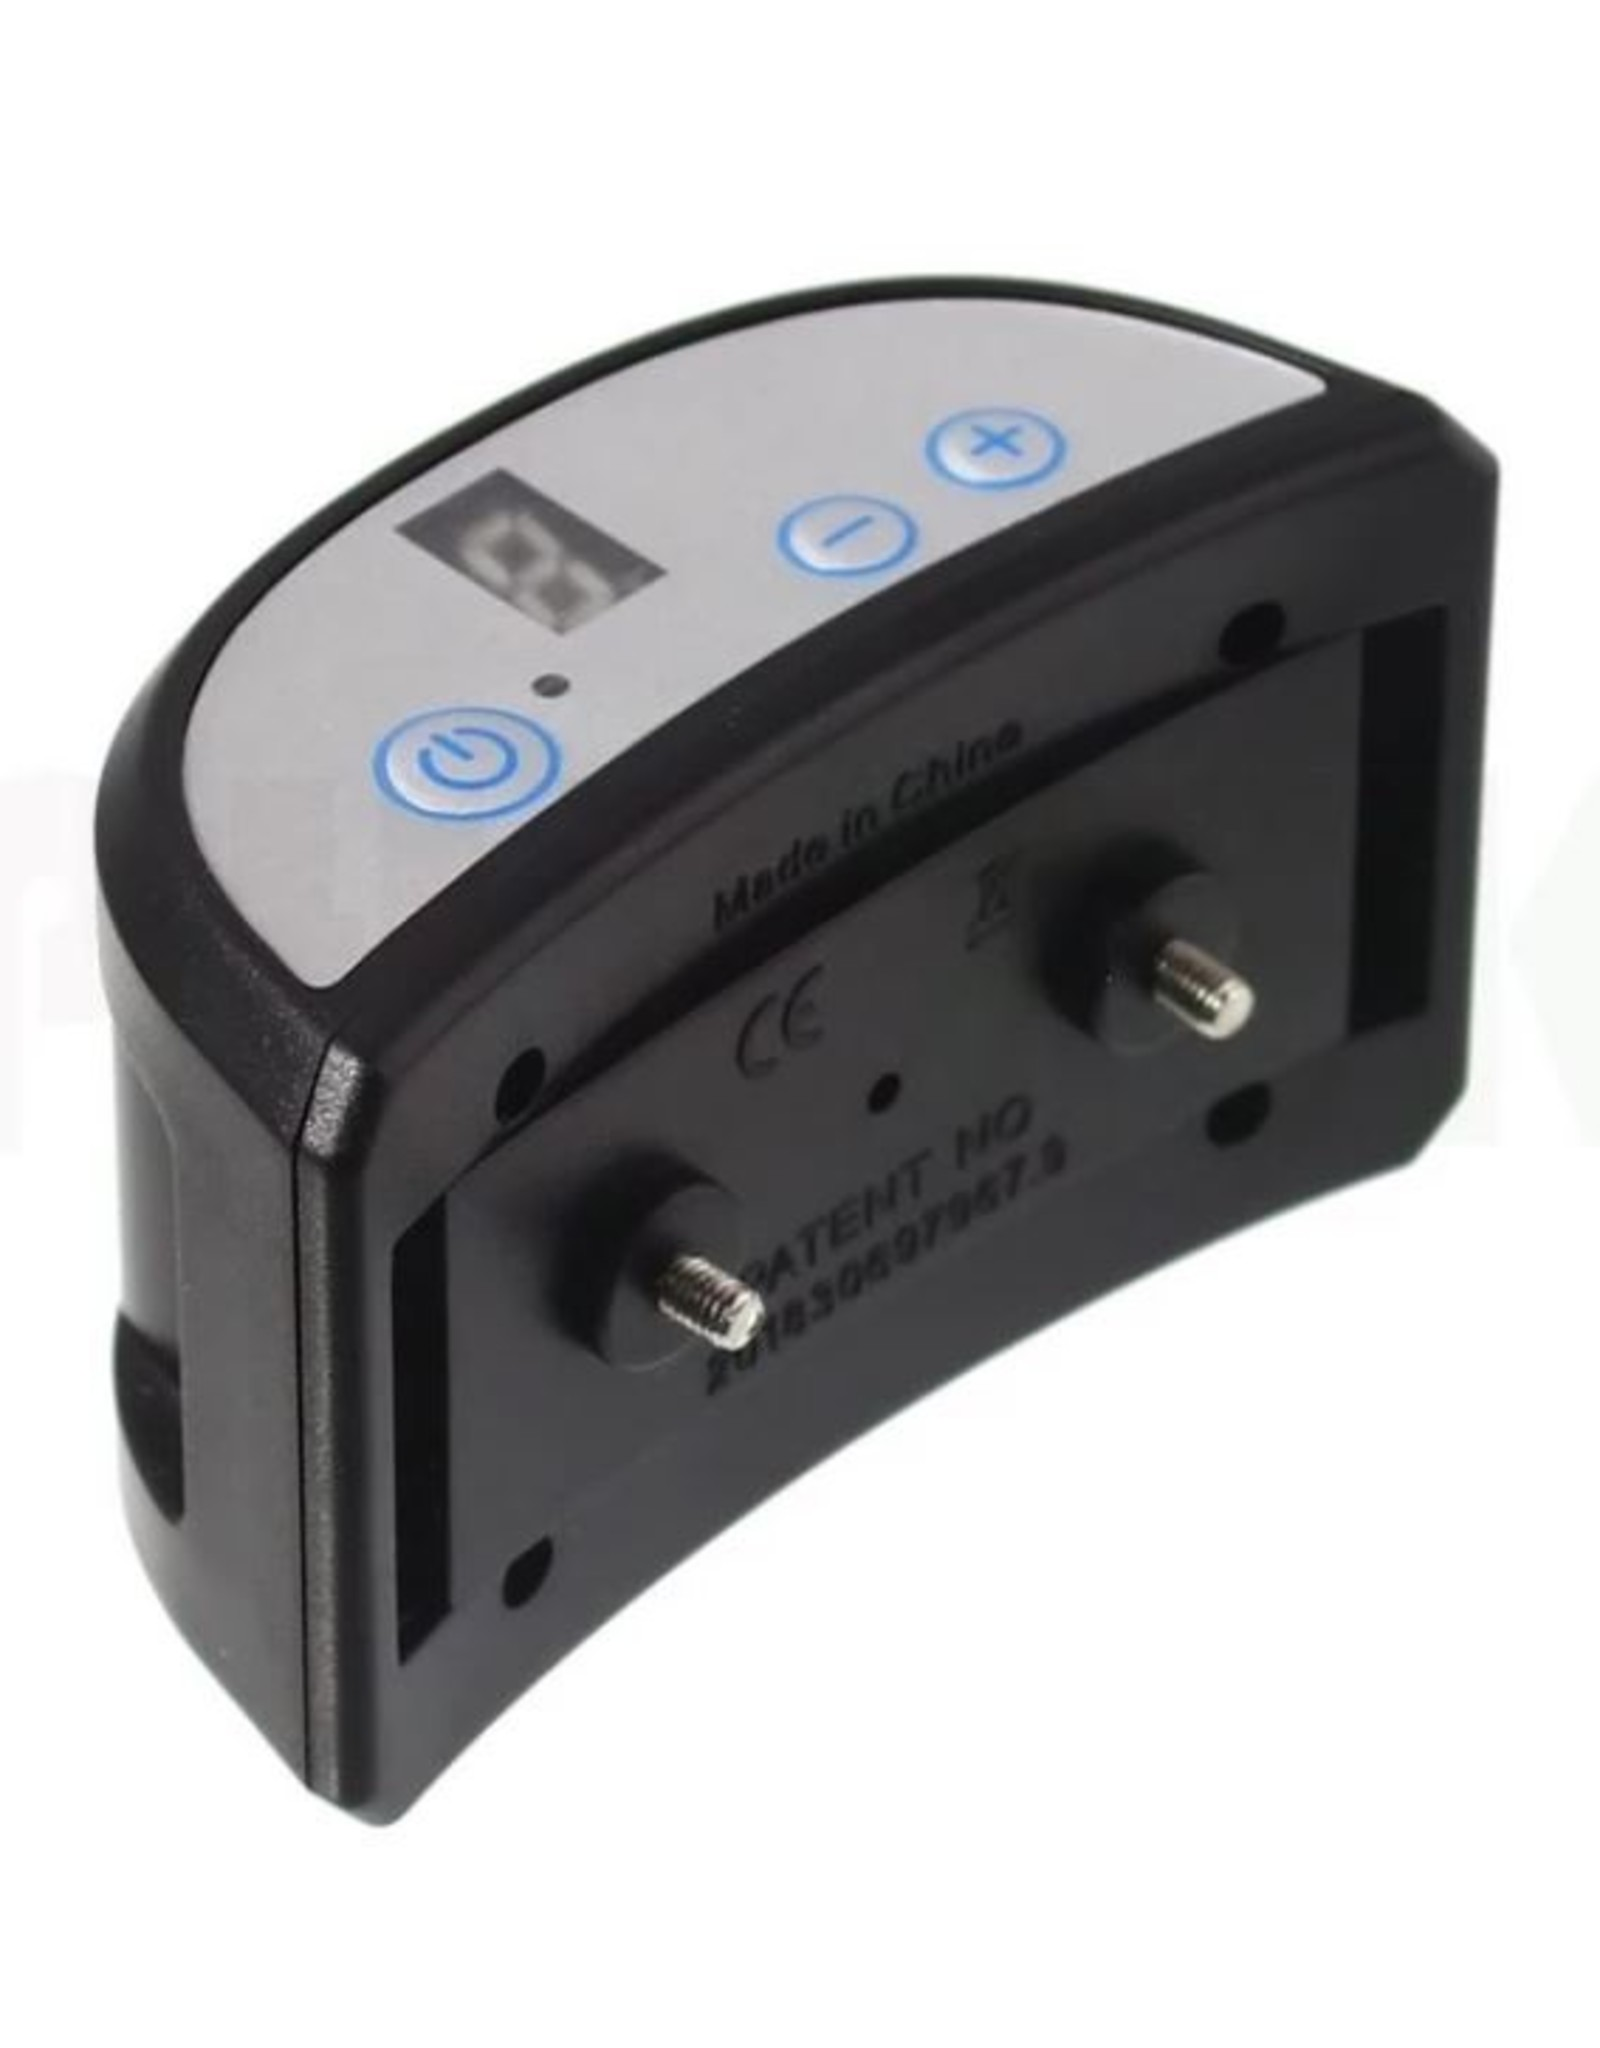 Automatische anti-blafband voor honden - Elektrische schok-, trillings- en geluidssensor, 7 intensiteiten